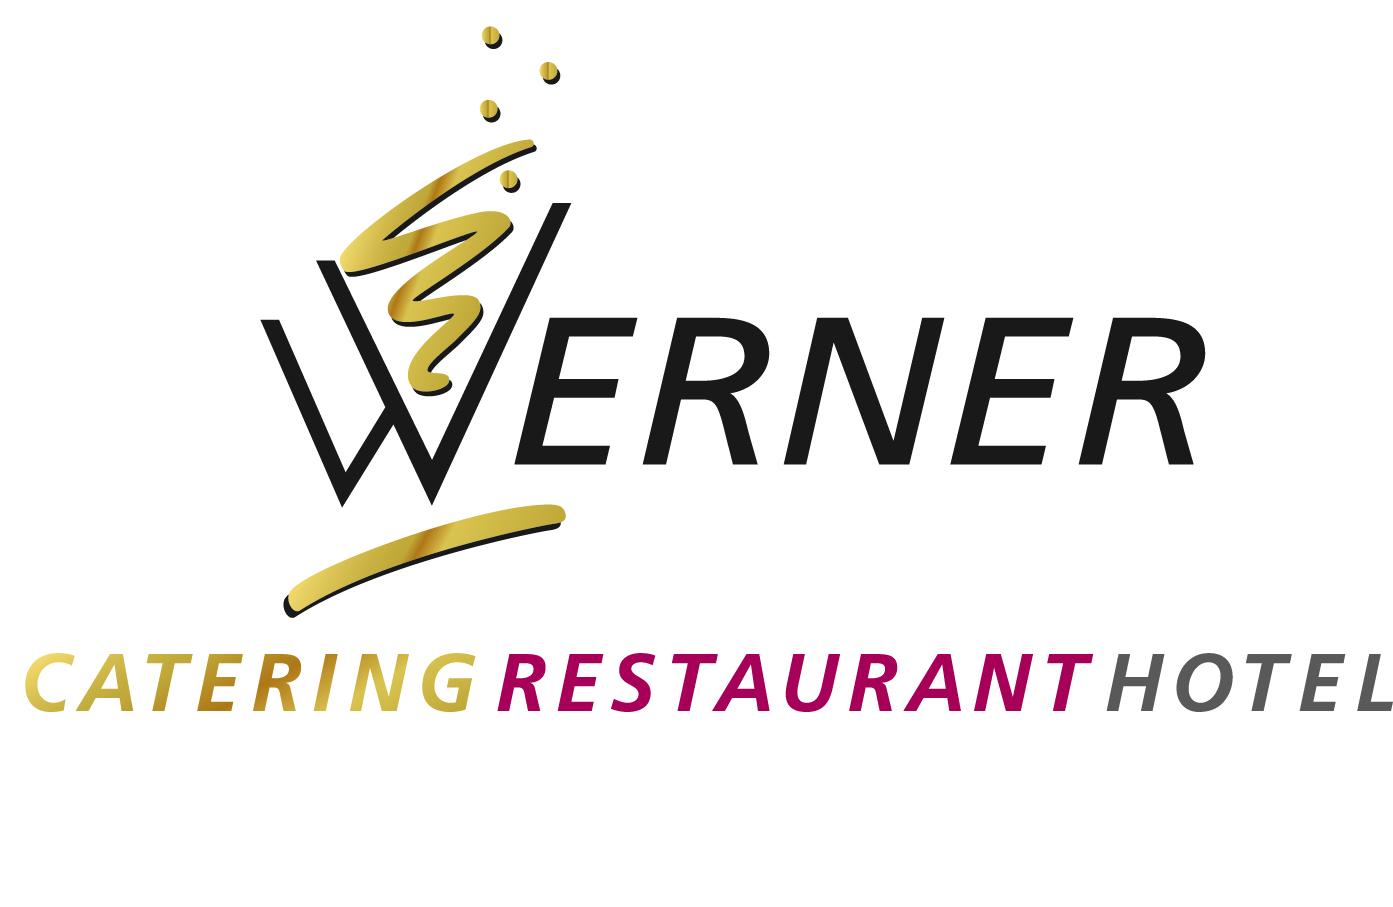 2021-03-01_603d2ec0466fa_Werner-Logo-3-300dpi